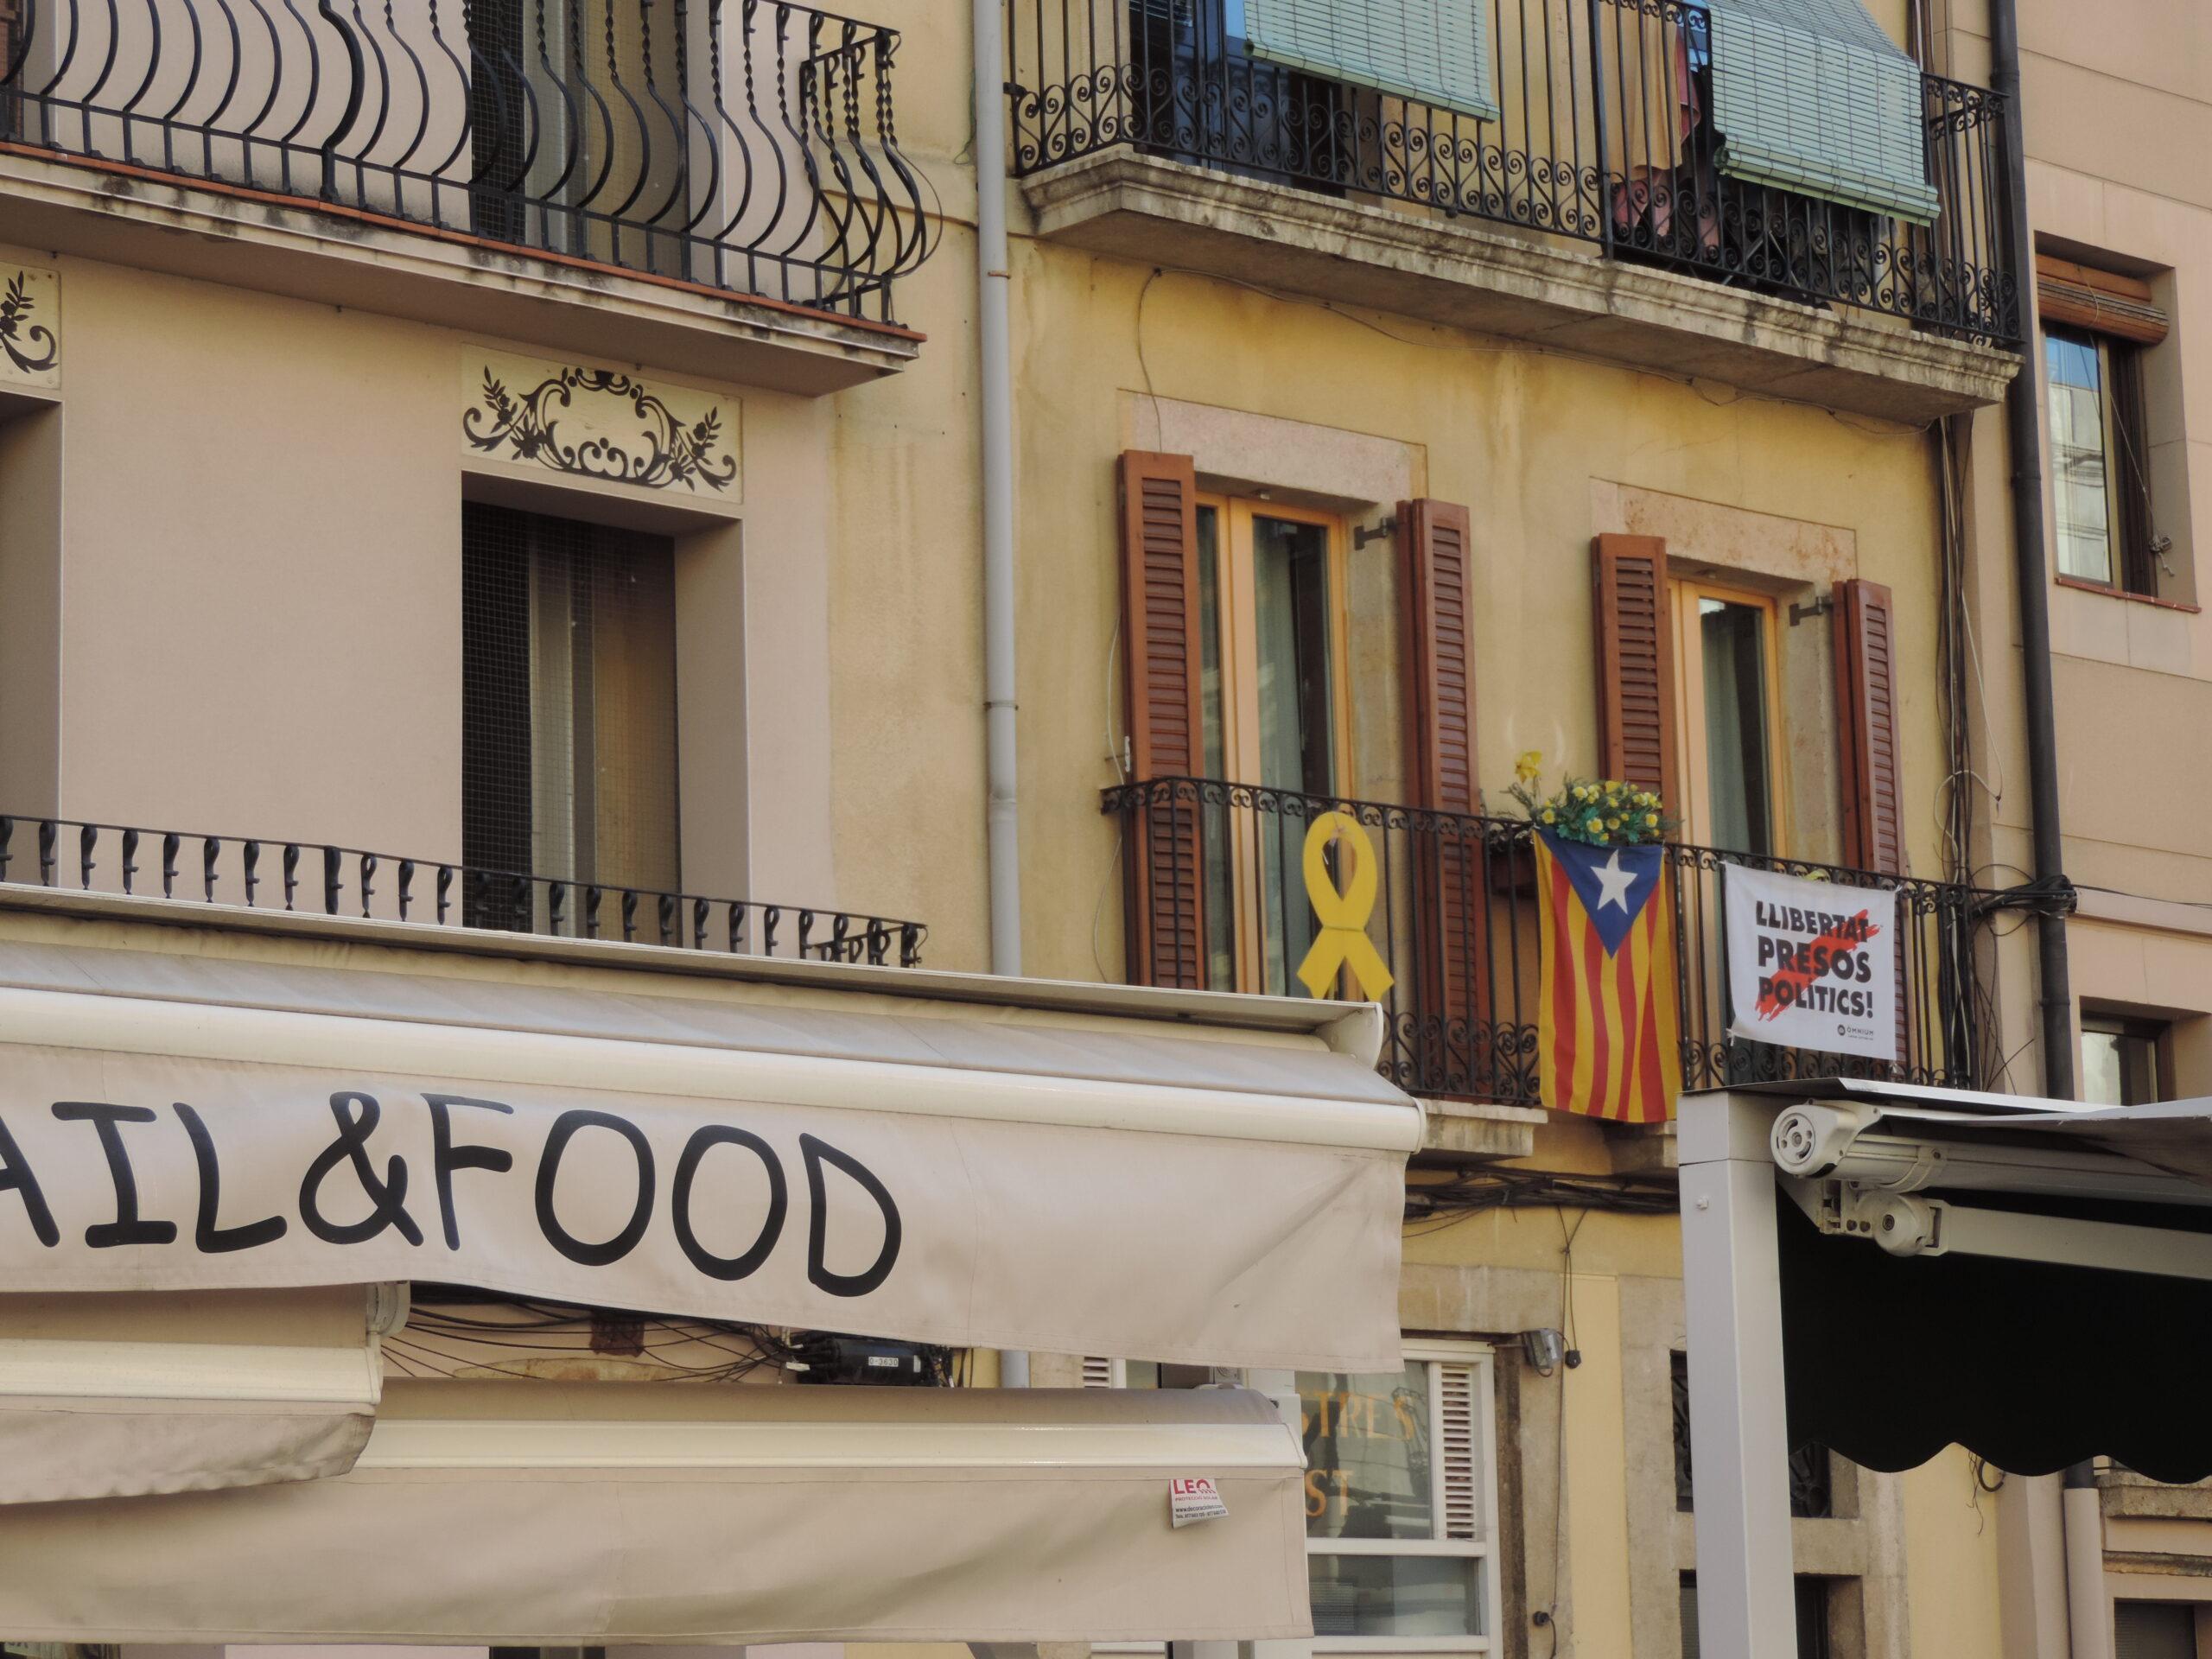 Tra indipendentismo e democrazia: la questione catalana vista dall'opposizione